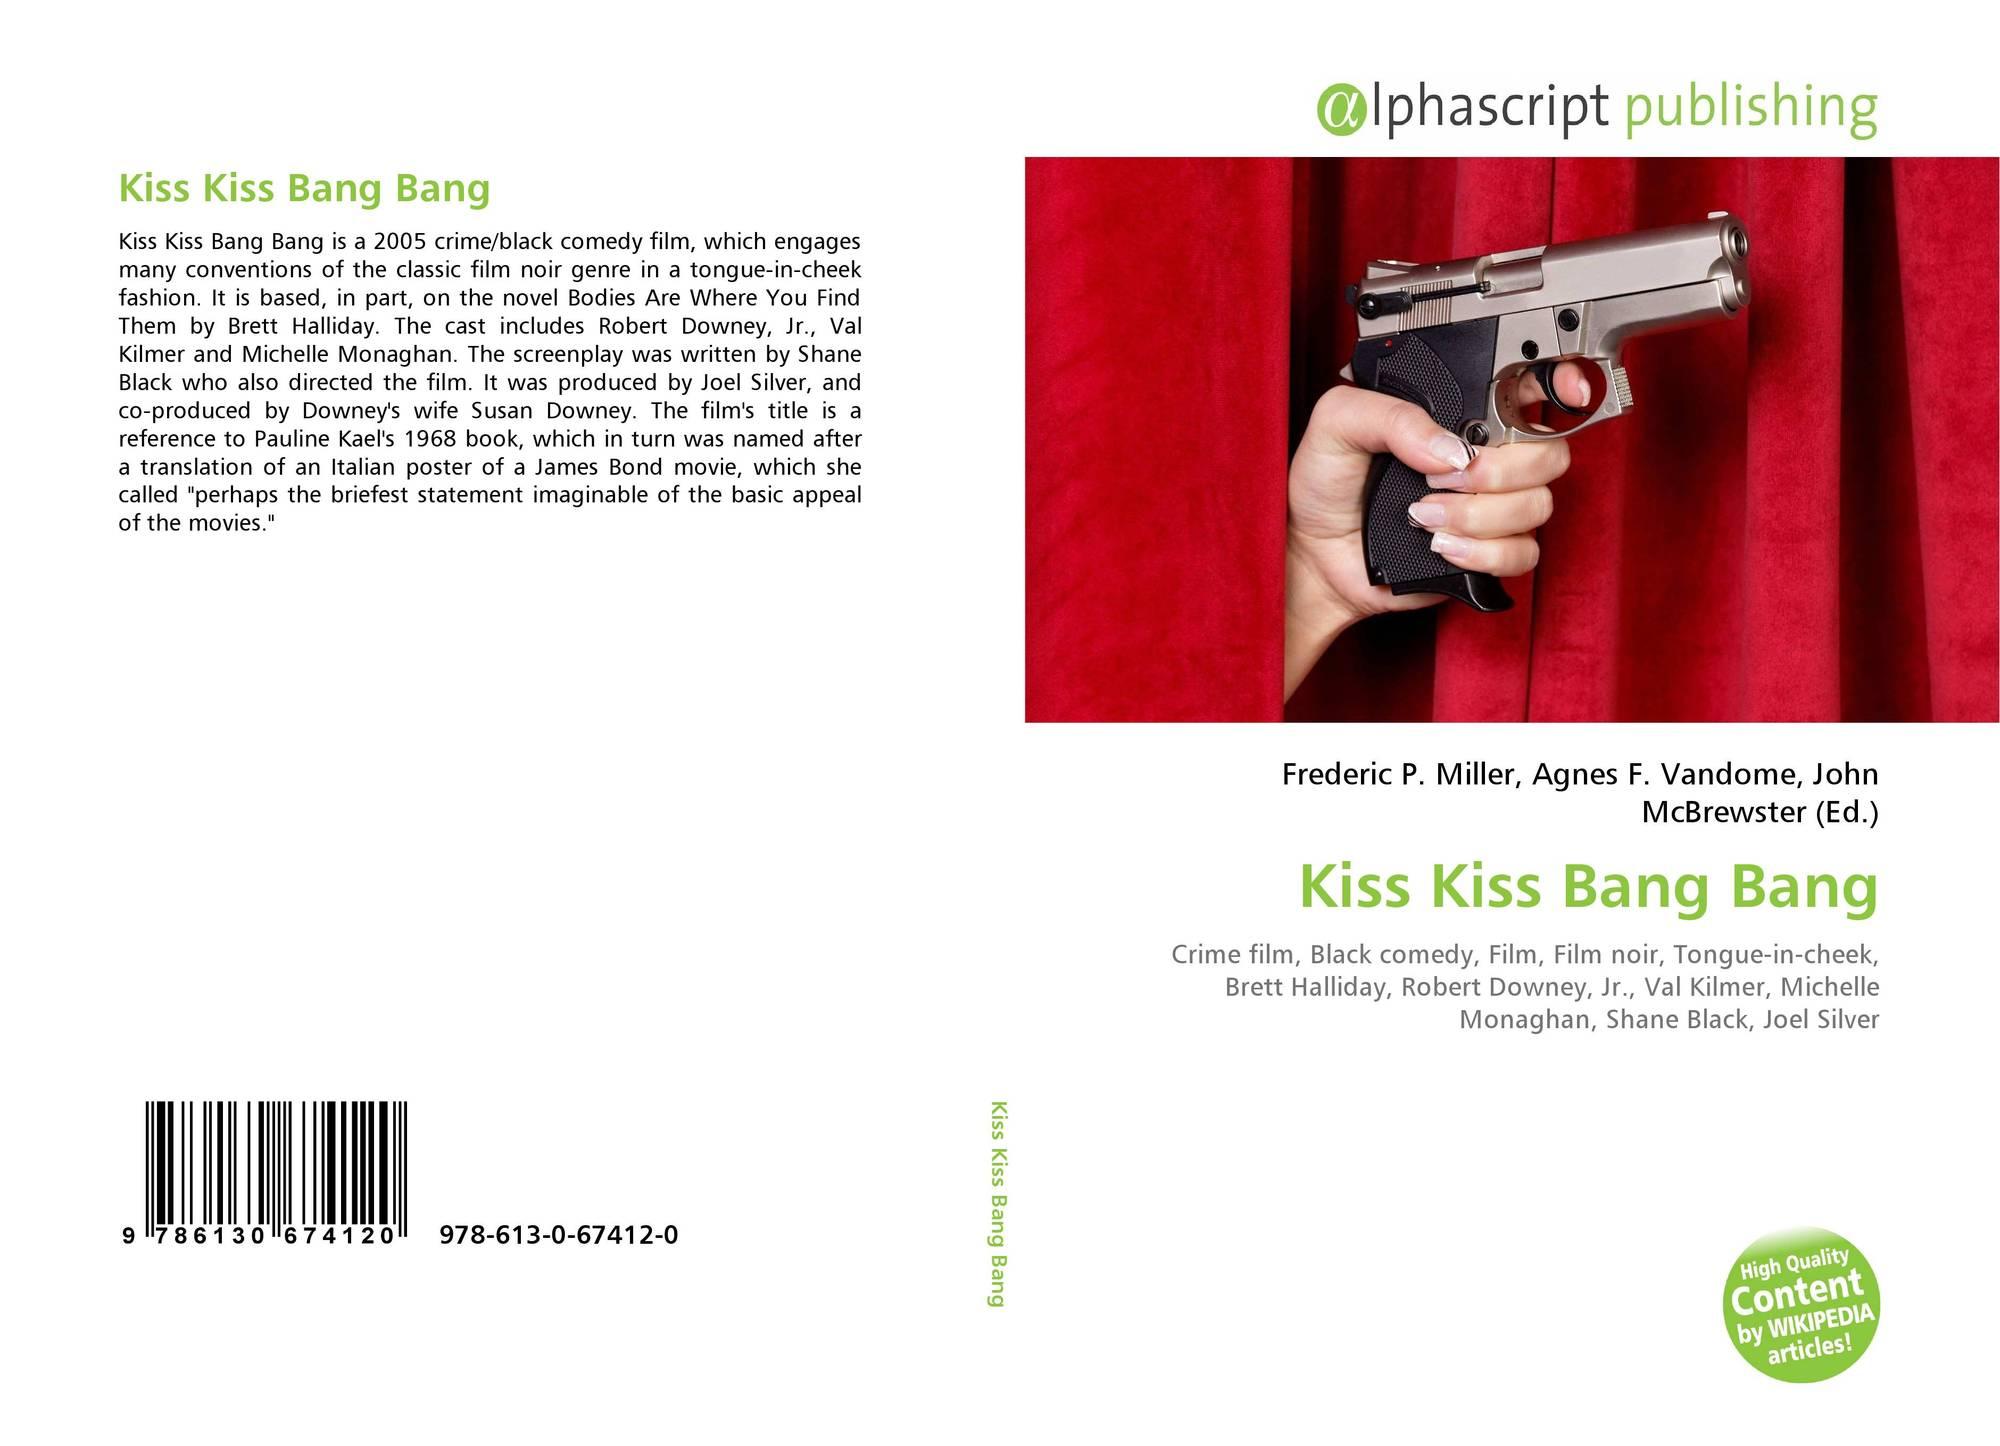 Kiss Kiss Bang Bang, 978-613-0-67412-0, 6130674120 ,9786130674120